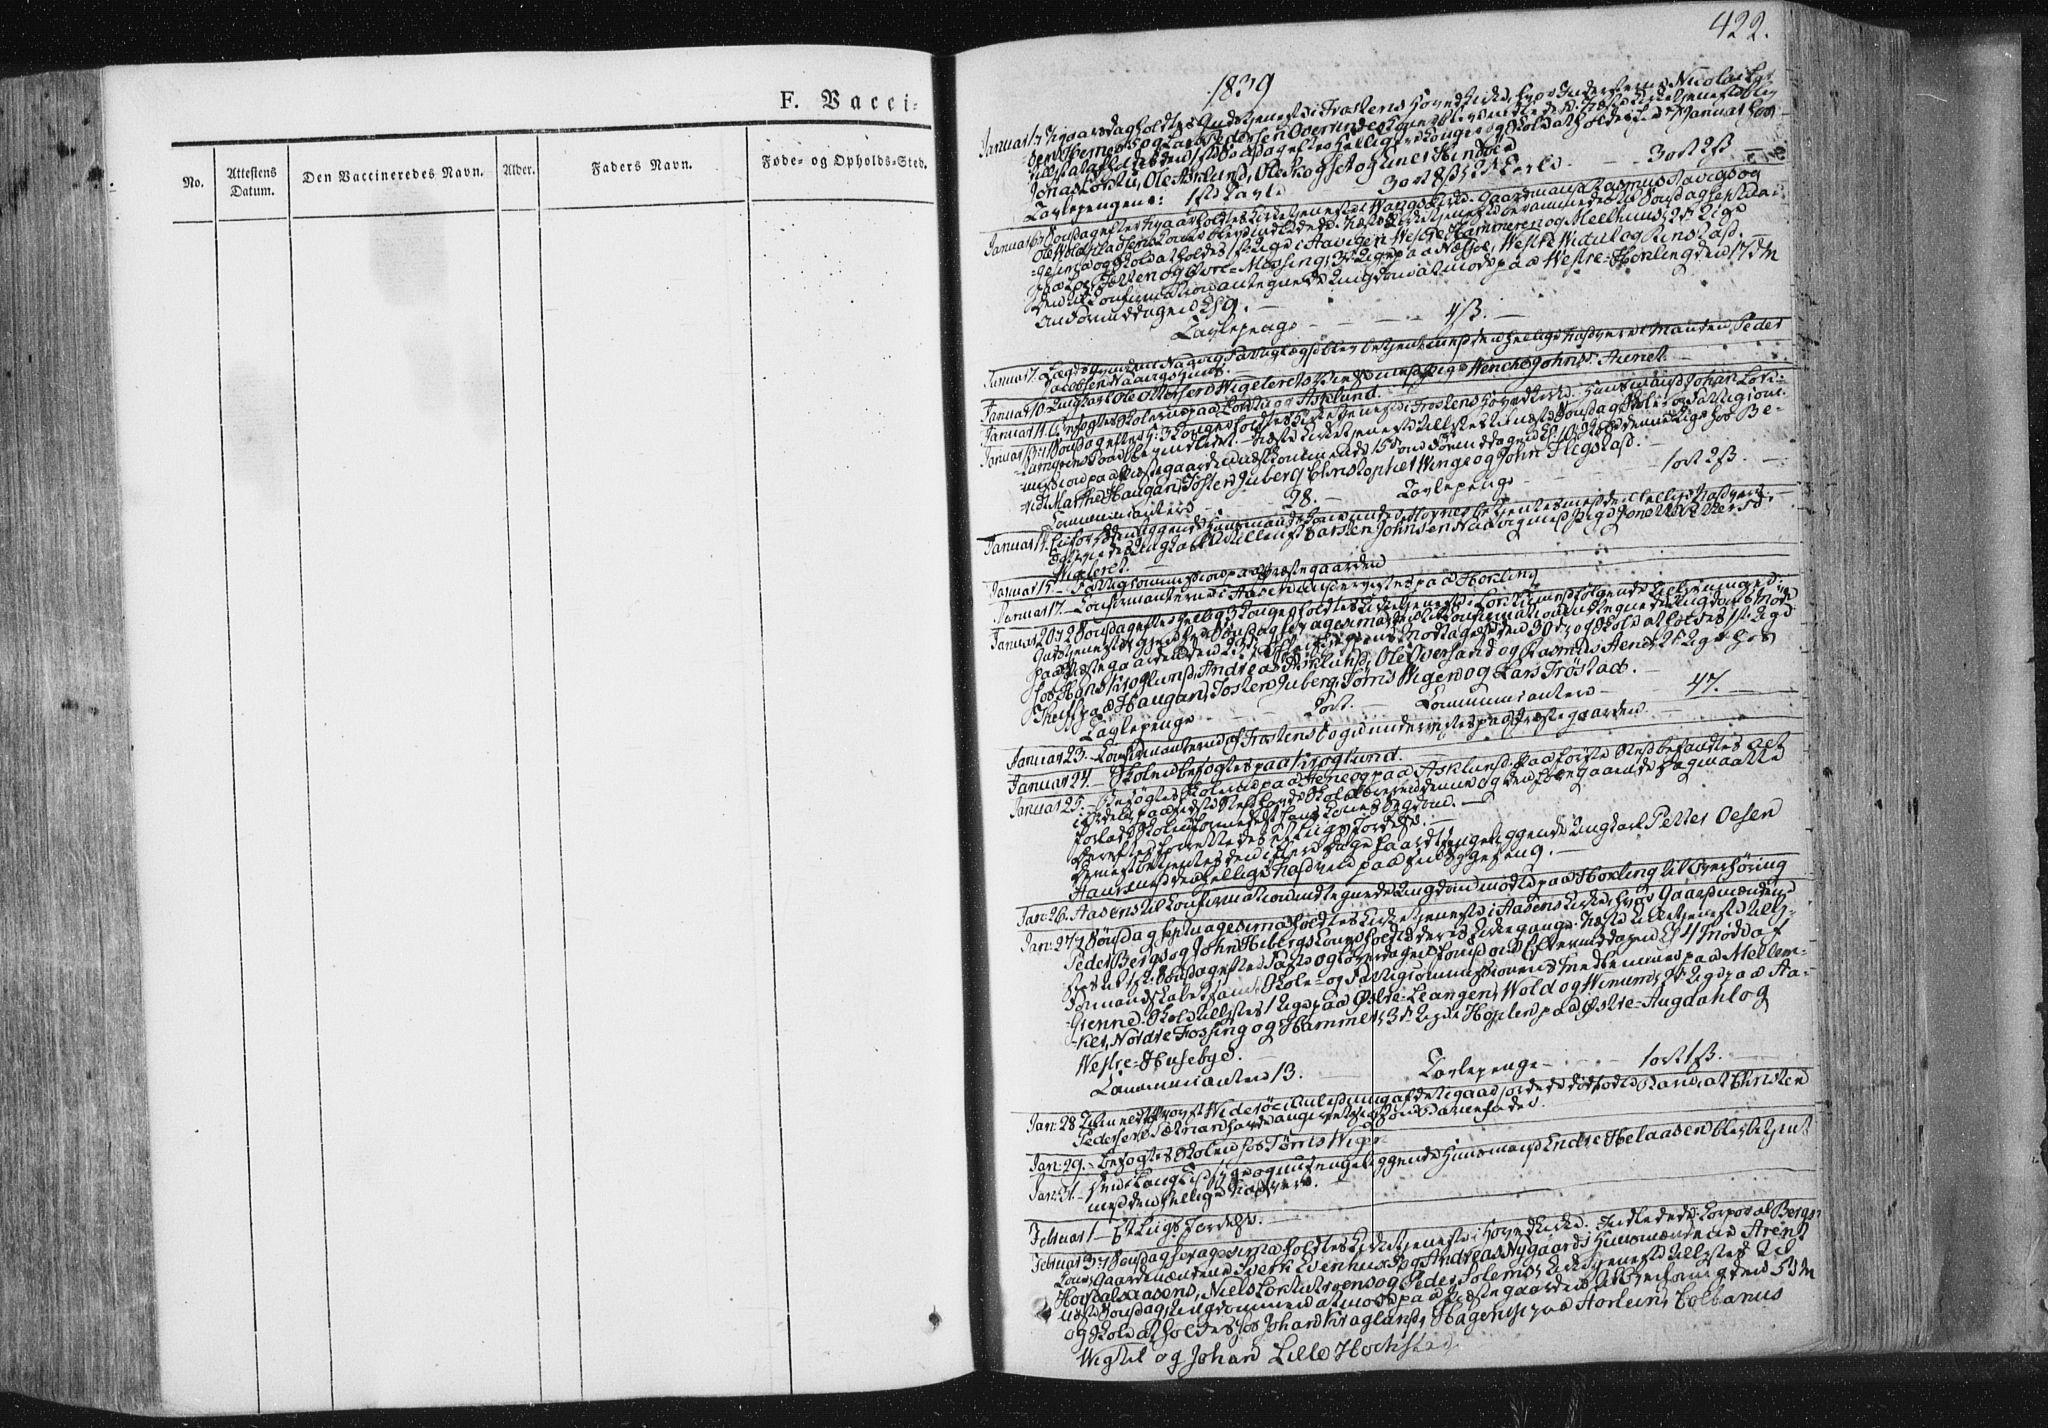 SAT, Ministerialprotokoller, klokkerbøker og fødselsregistre - Nord-Trøndelag, 713/L0115: Ministerialbok nr. 713A06, 1838-1851, s. 422